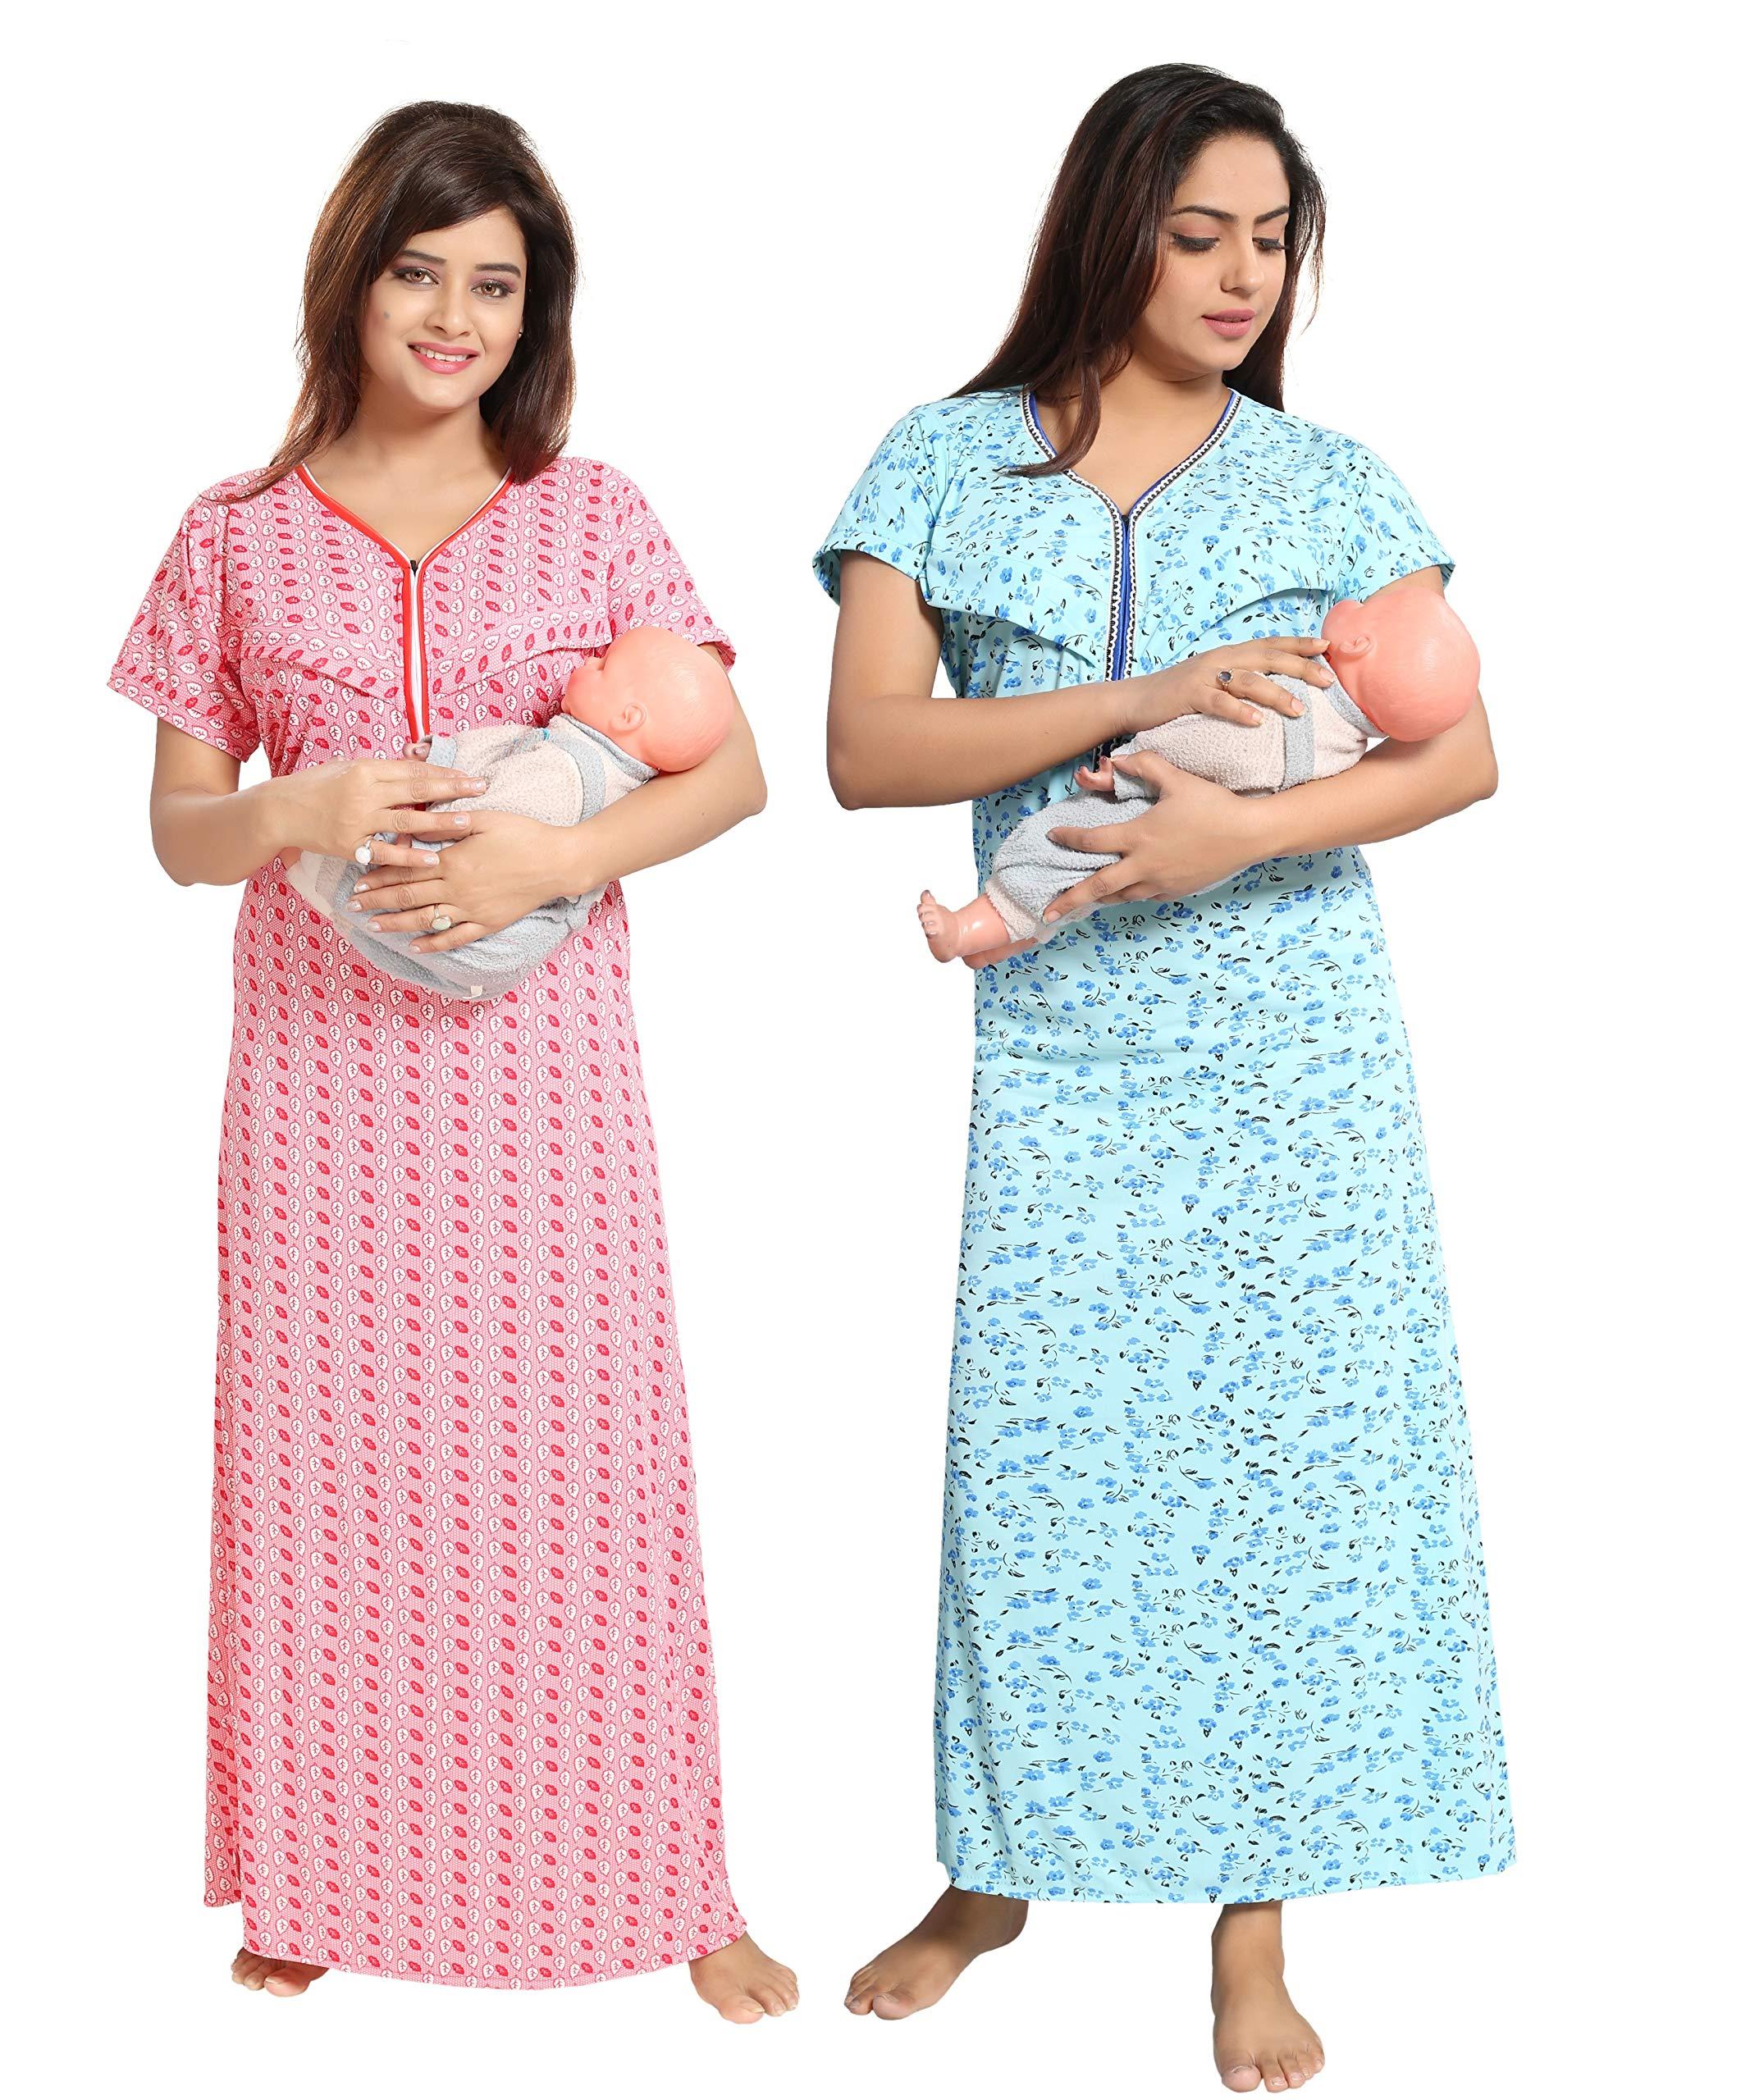 c3d5f11b5fe0b TUCUTE Women Beautiful Leaf Print with + Baby Shade Floral Print  Feeding/Pregnancy Wear/Maternity/Nursing Nighty/Night ...